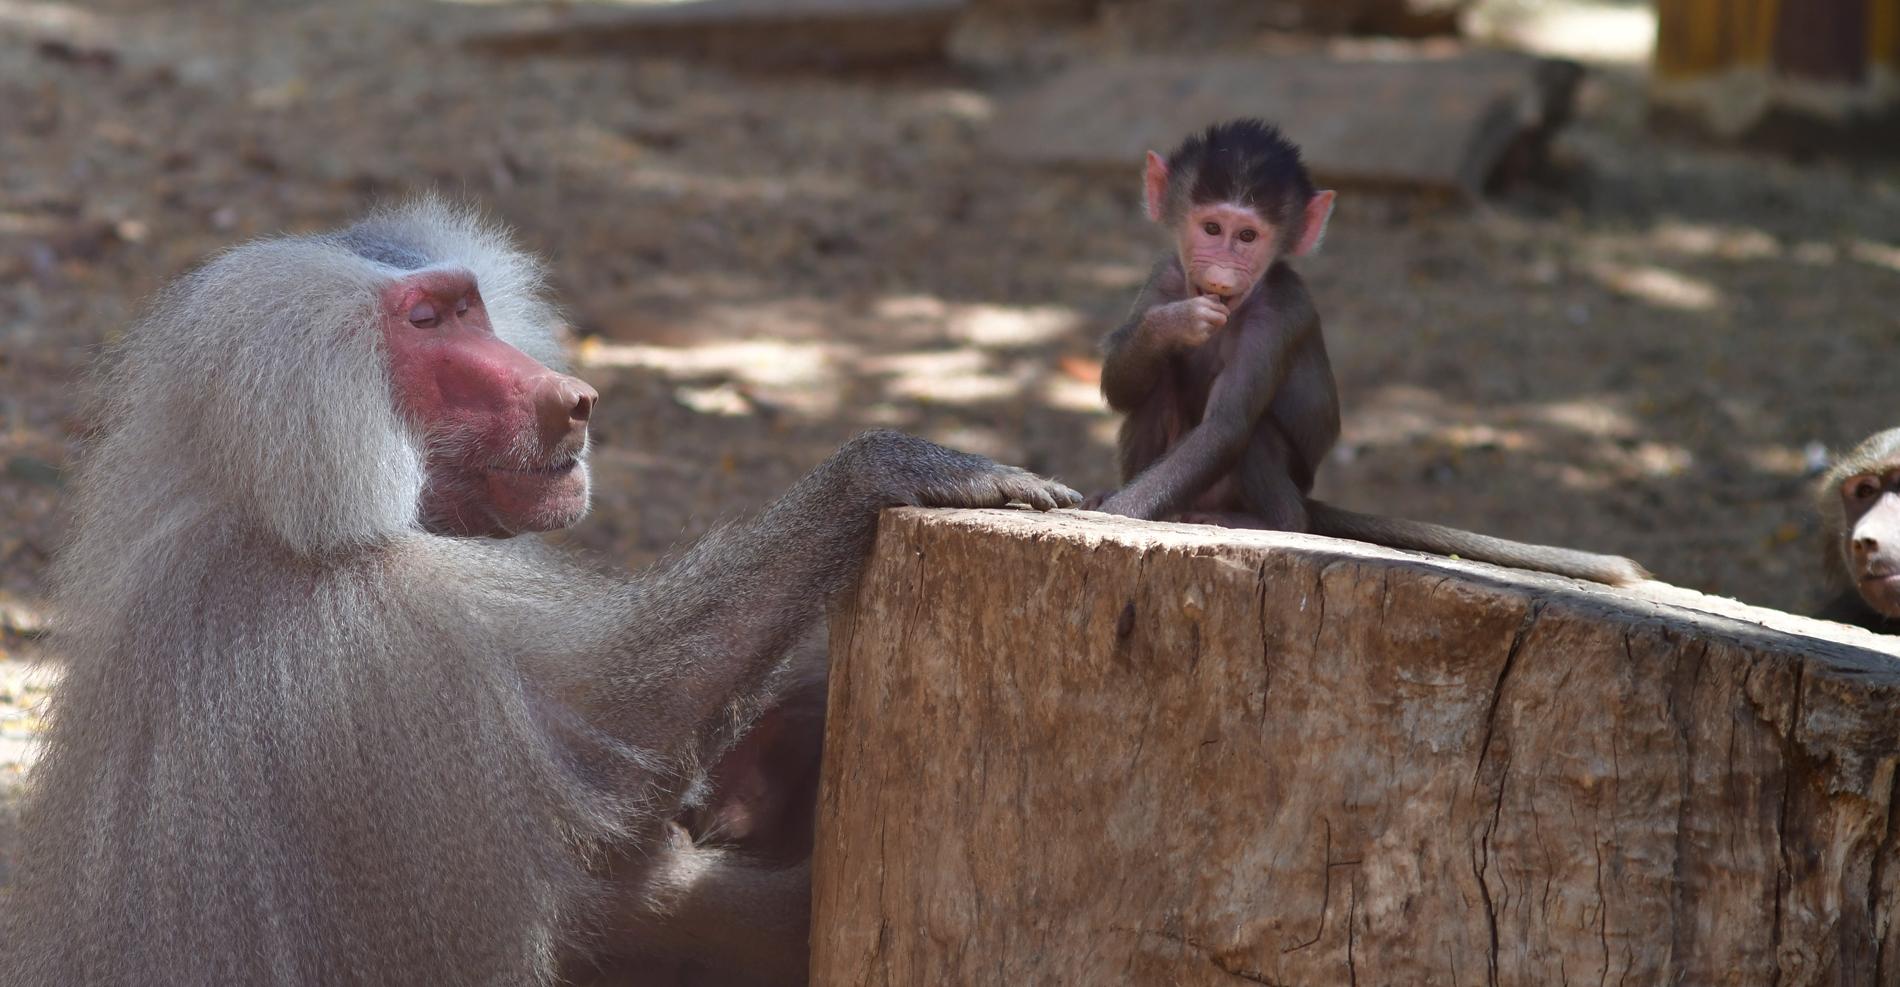 ספארי רמת גן - קופים - יואל שתרוג - אדמה יוצרת - yoel sitruk